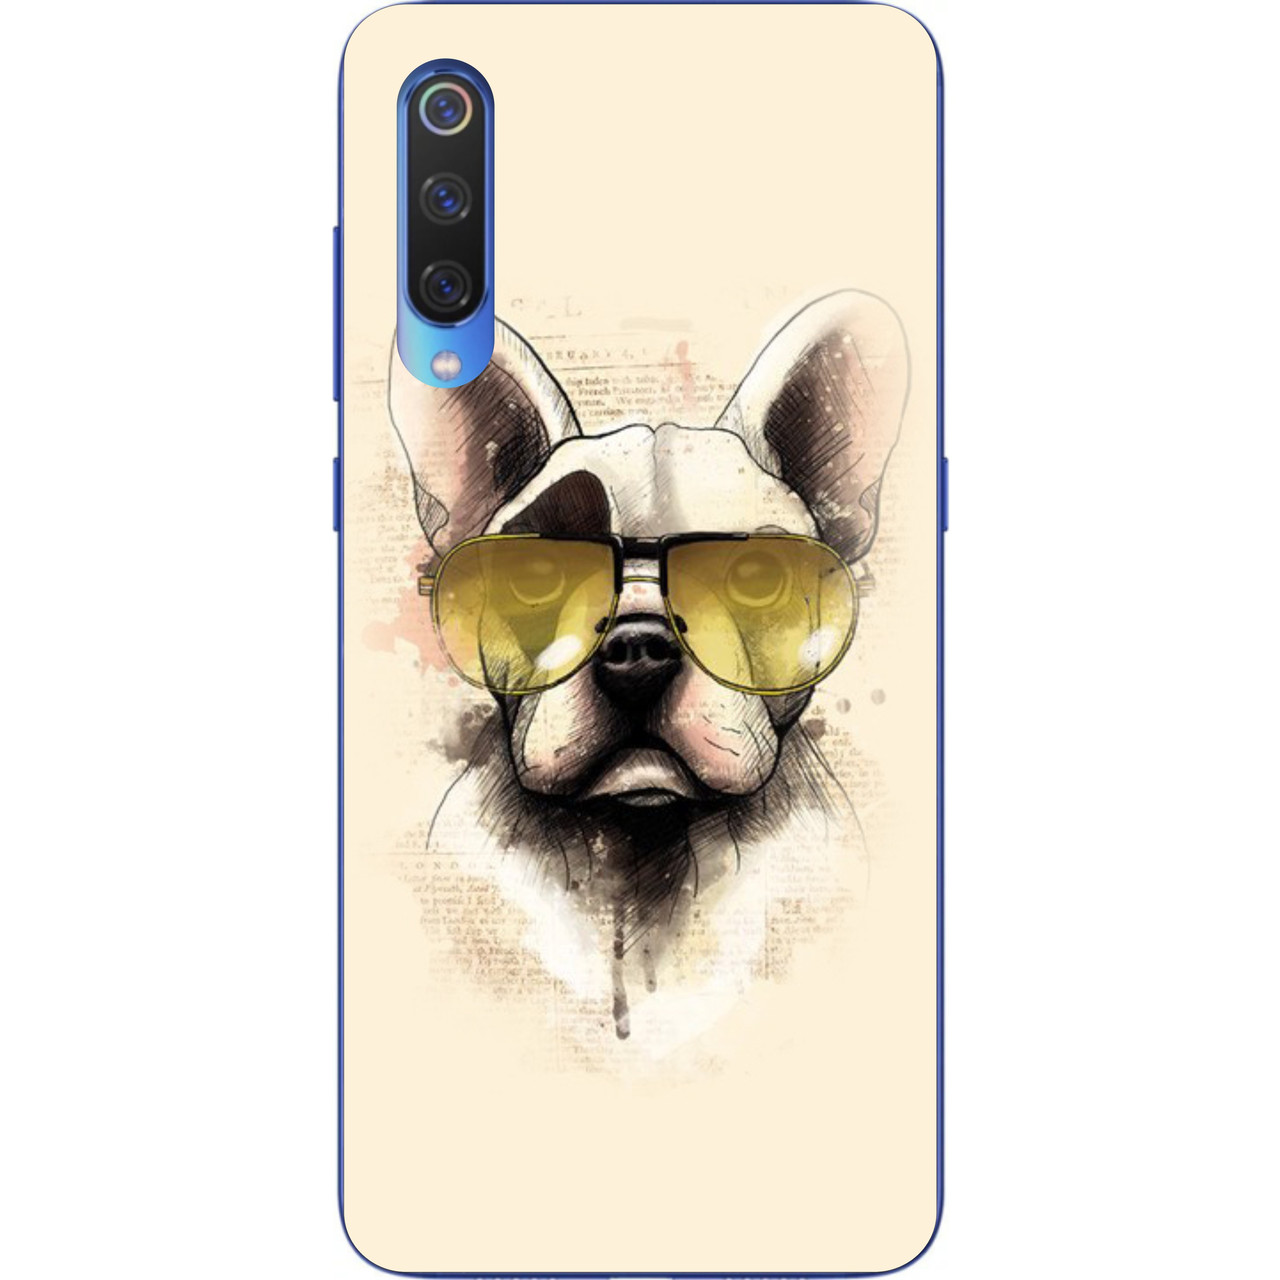 Силиконовый чехол для Xiaomi Mi 9 SE с картинкой Пес в очках